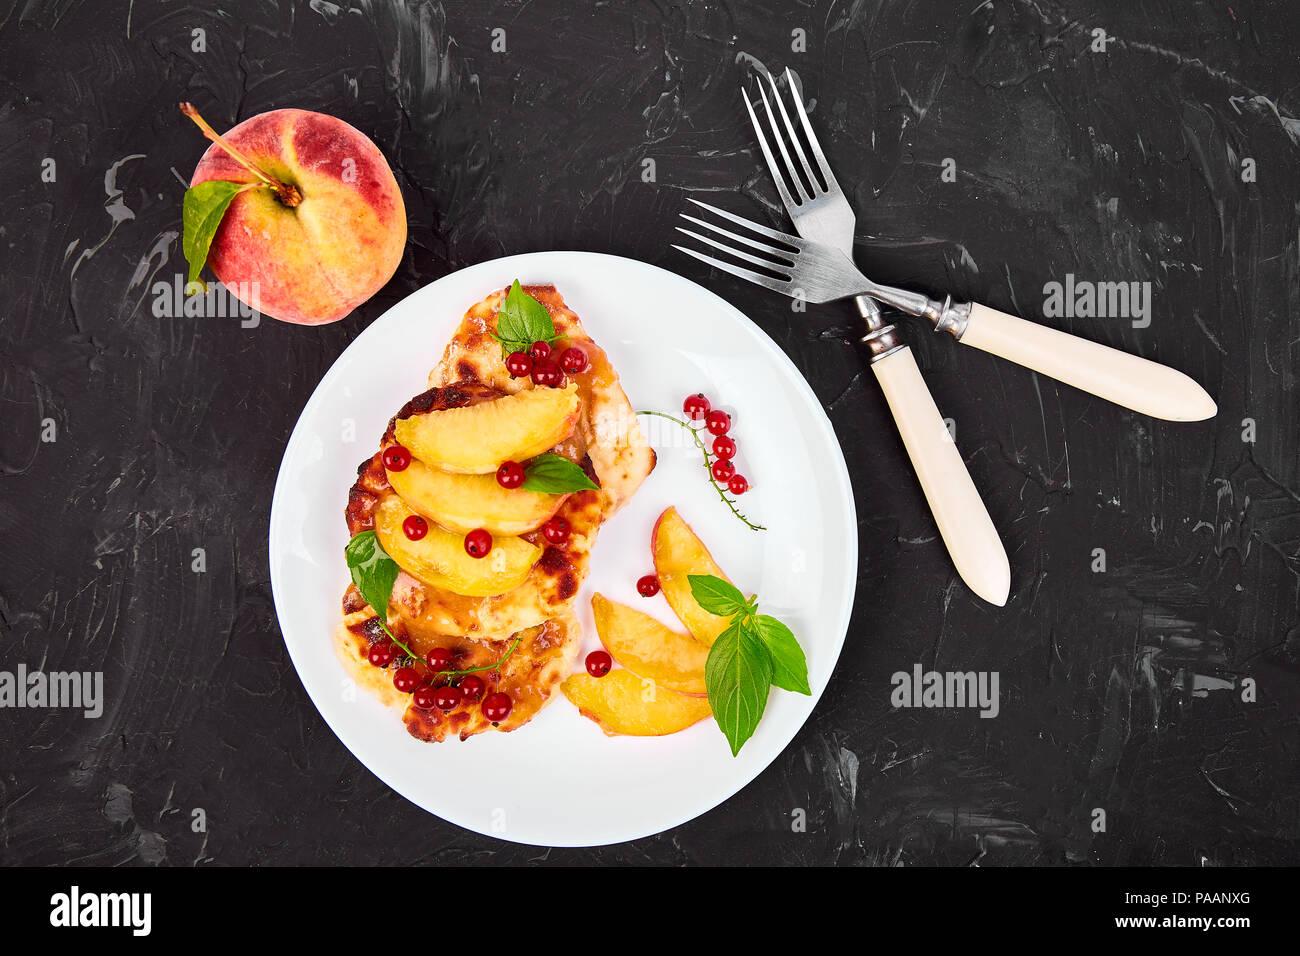 Requesón tortitas, syrniki con melocotón y bayas sobre placa blanca con fondo negro. Requesón buñuelos. Vista desde arriba. Sentar plana Foto de stock